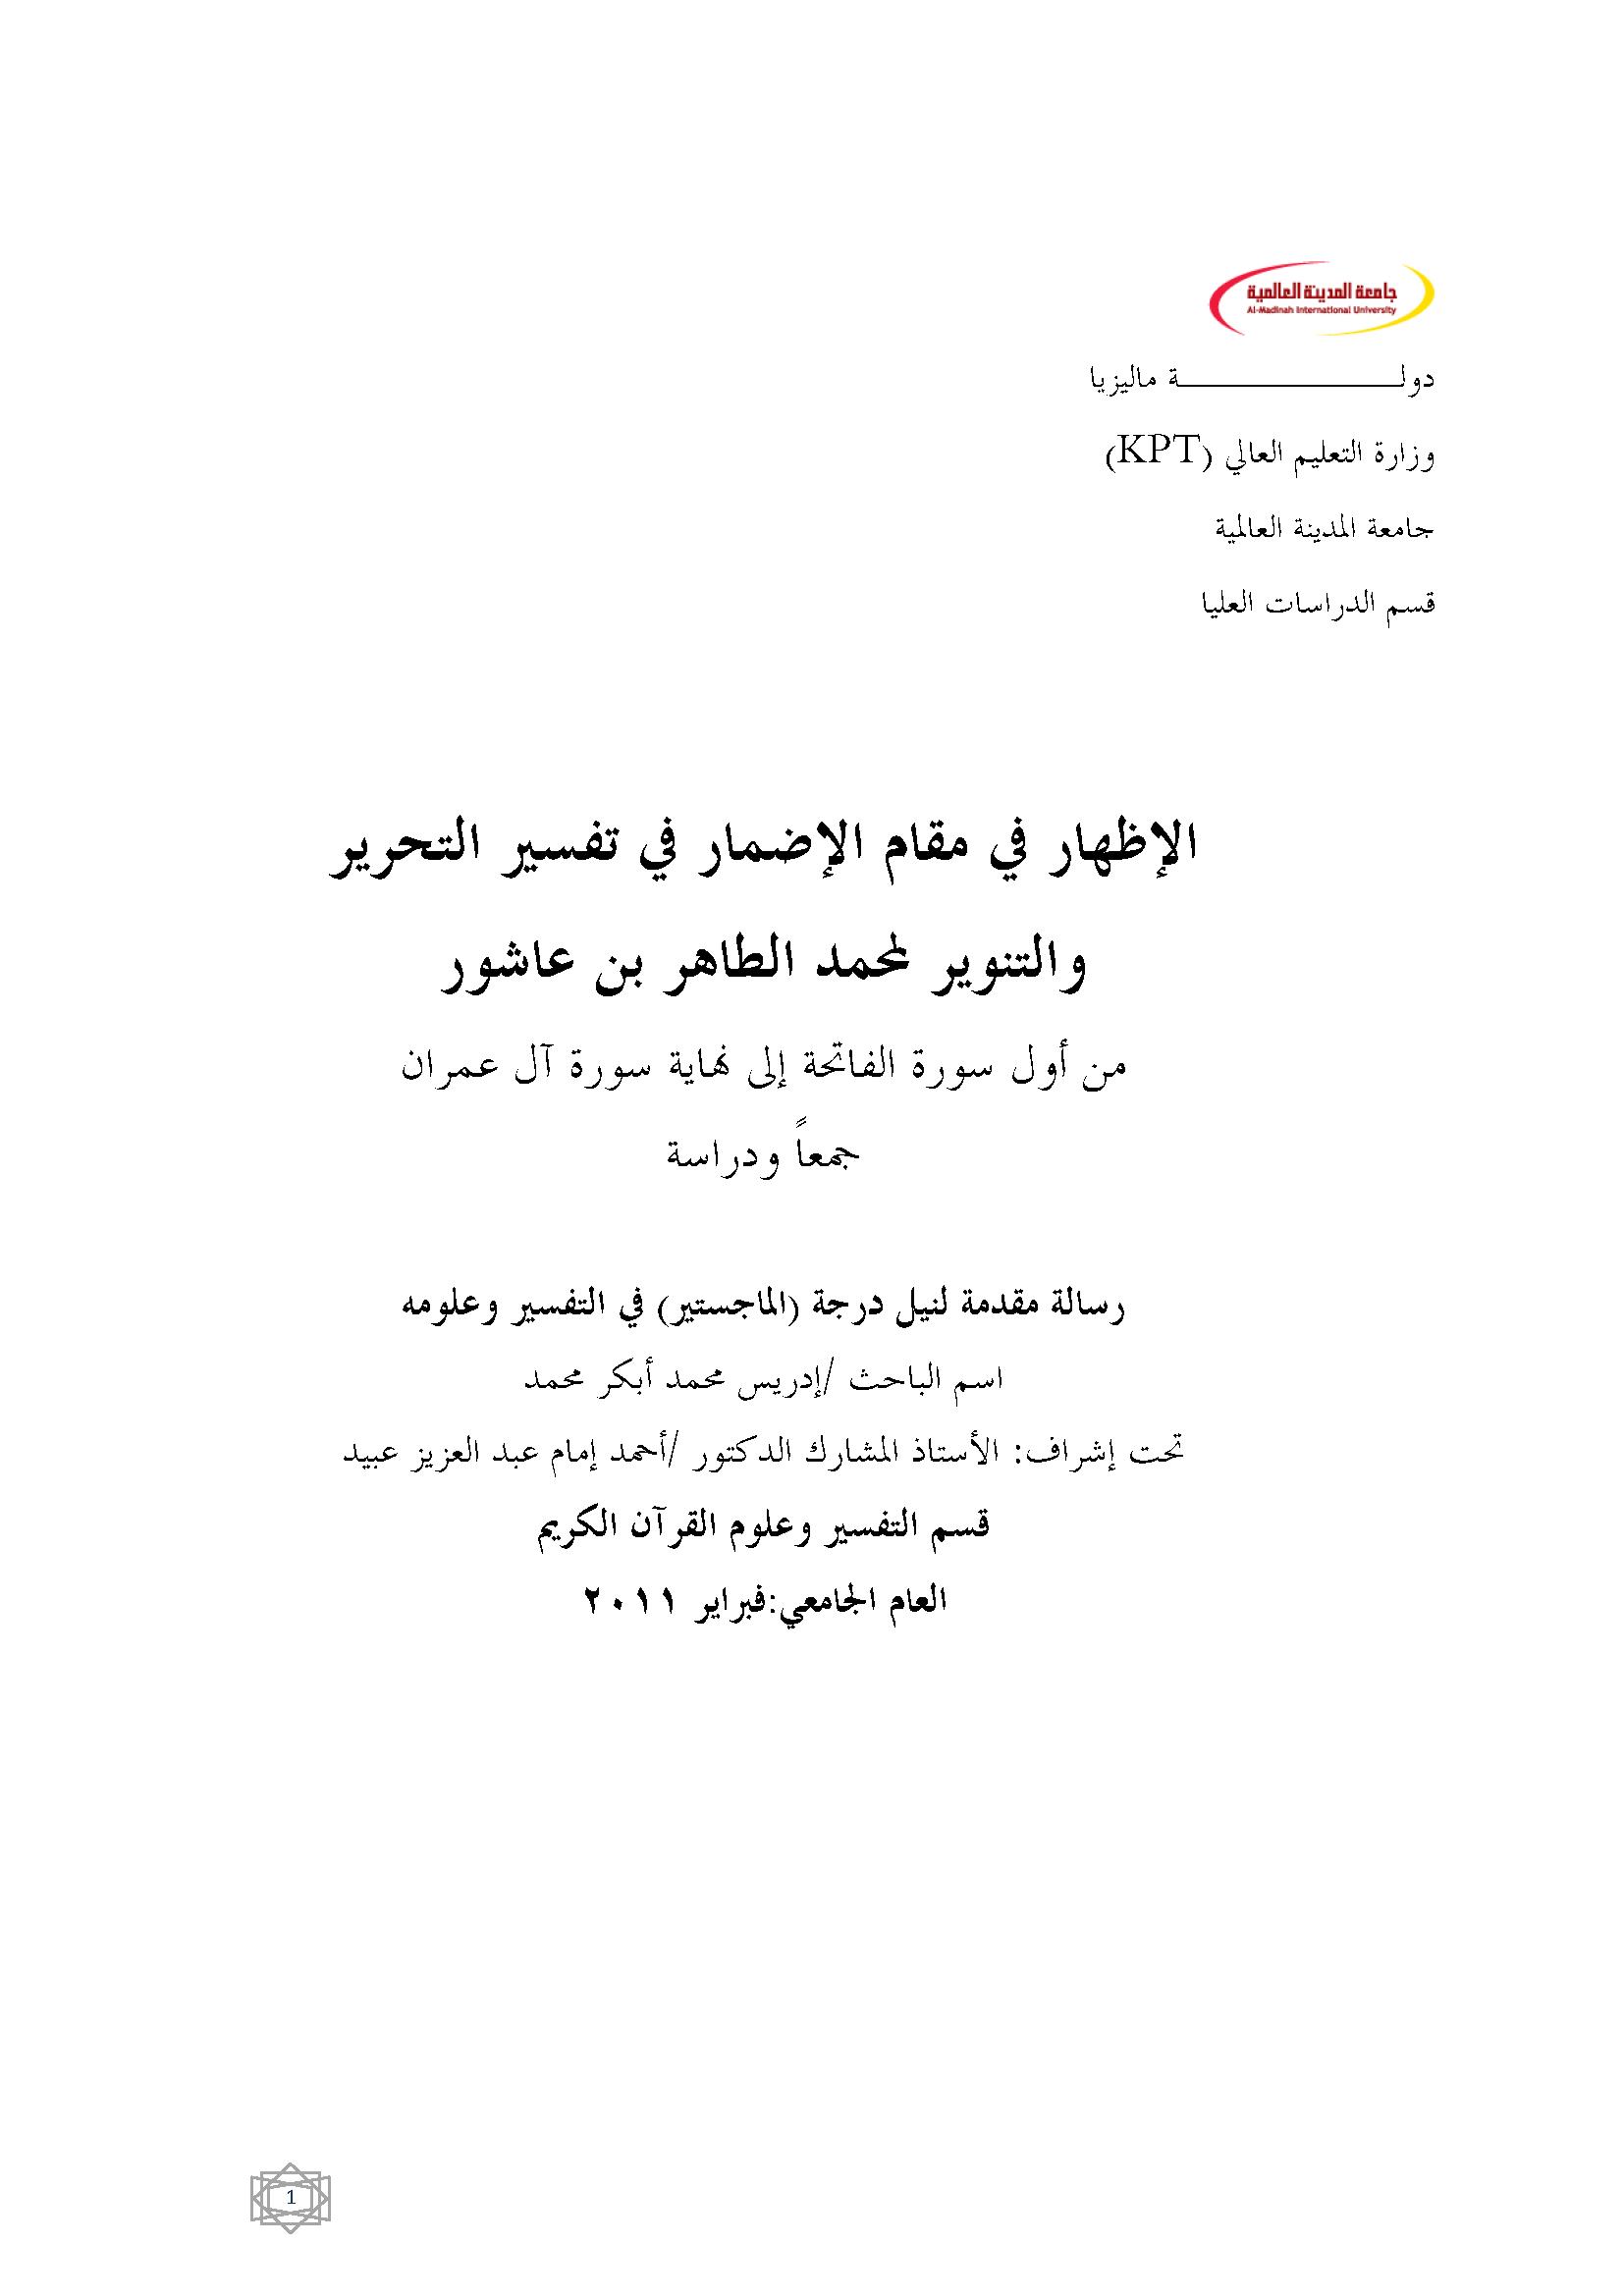 الإظهار في مقام الإضمار في تفسير «التحرير والتنوير» لمحمد الطاهر بن عاشور - إدريس محمد أبكر محمد